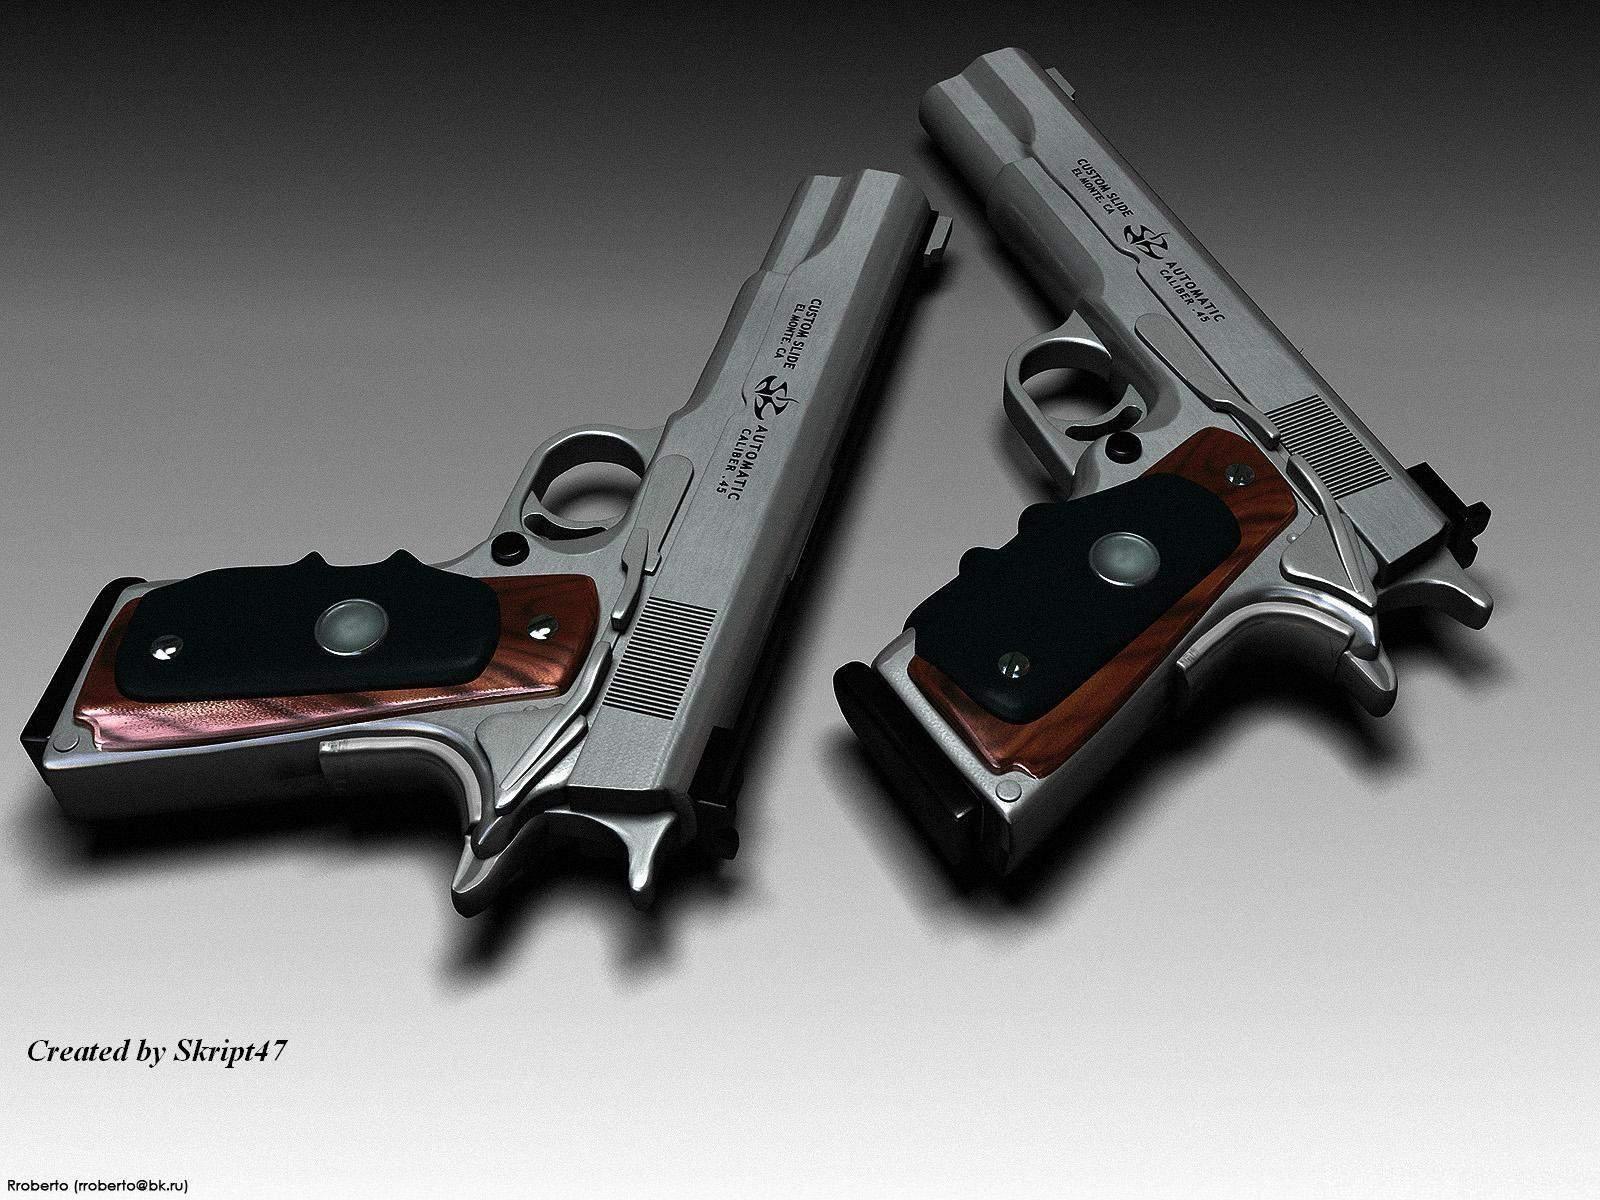 Silverballers Armas De Fuego Fuego Armas